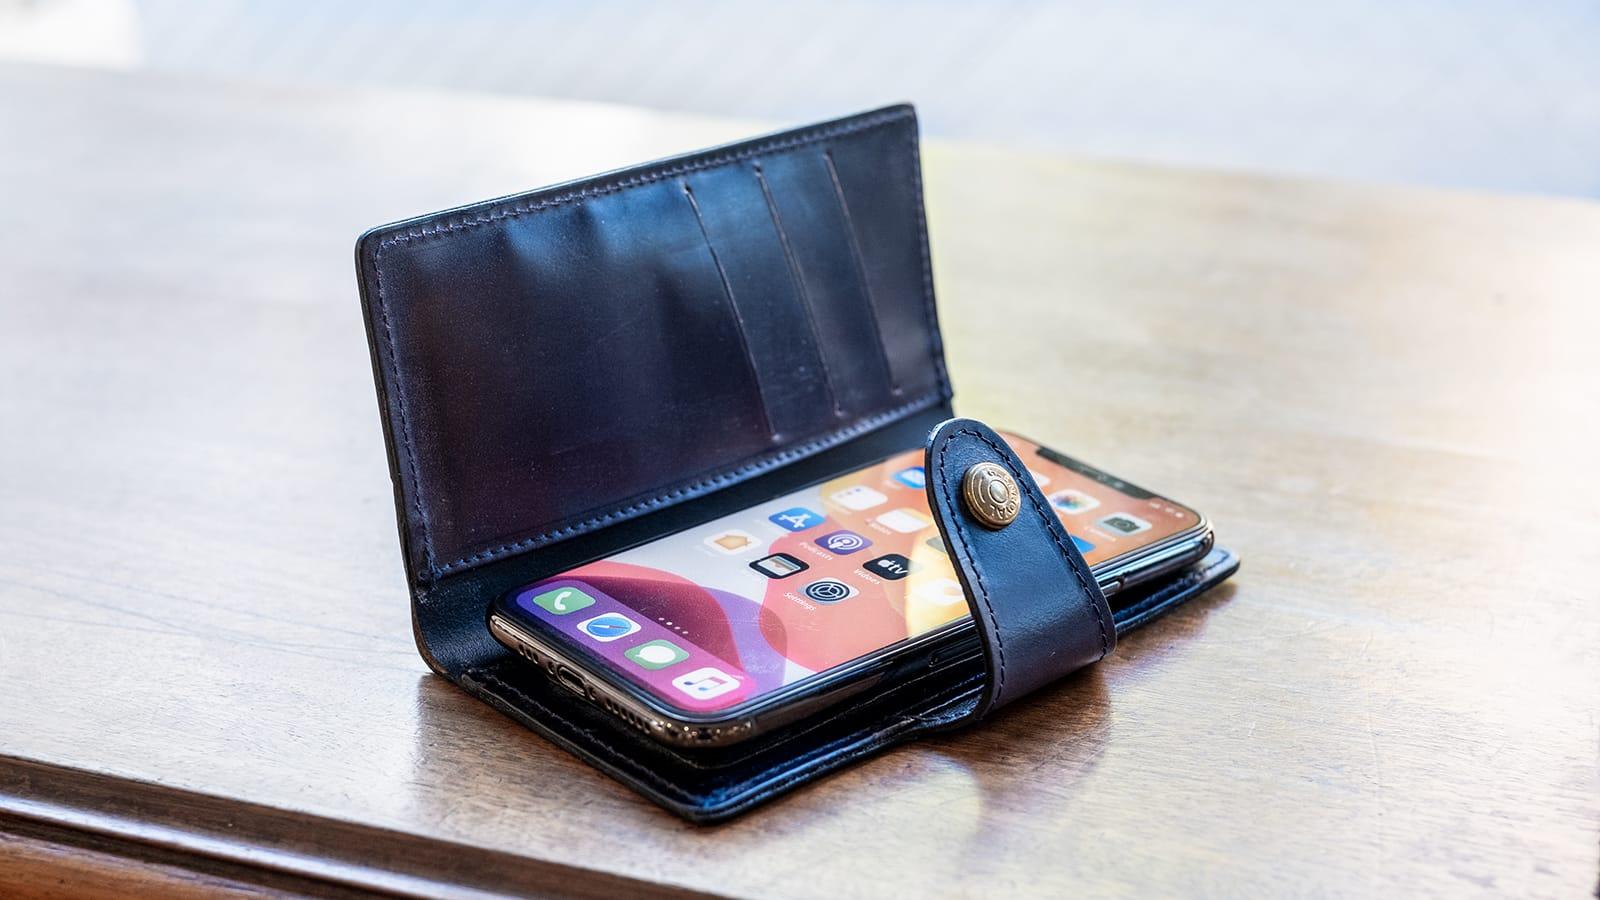 ブライドルレザー仕立ての現代必須アイテム。手帳型スマートフォンケースがグレンロイヤルから新入荷。